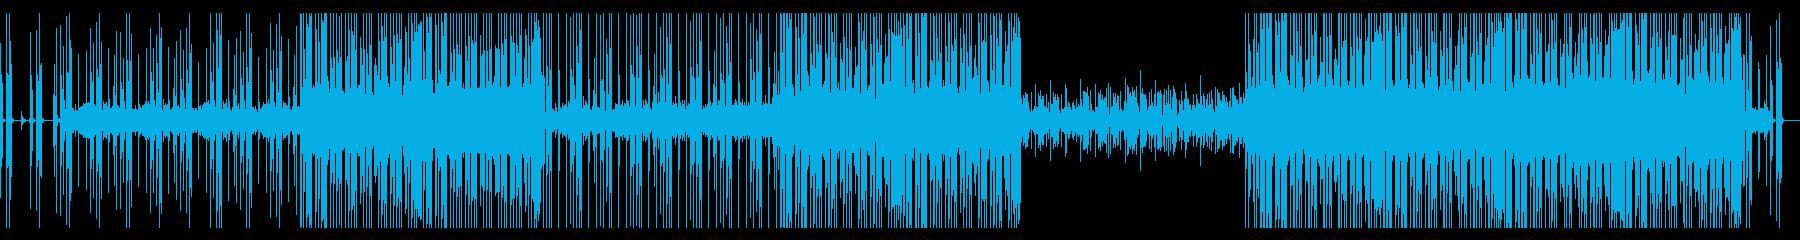 軽快なポップジャズフュージョンの再生済みの波形